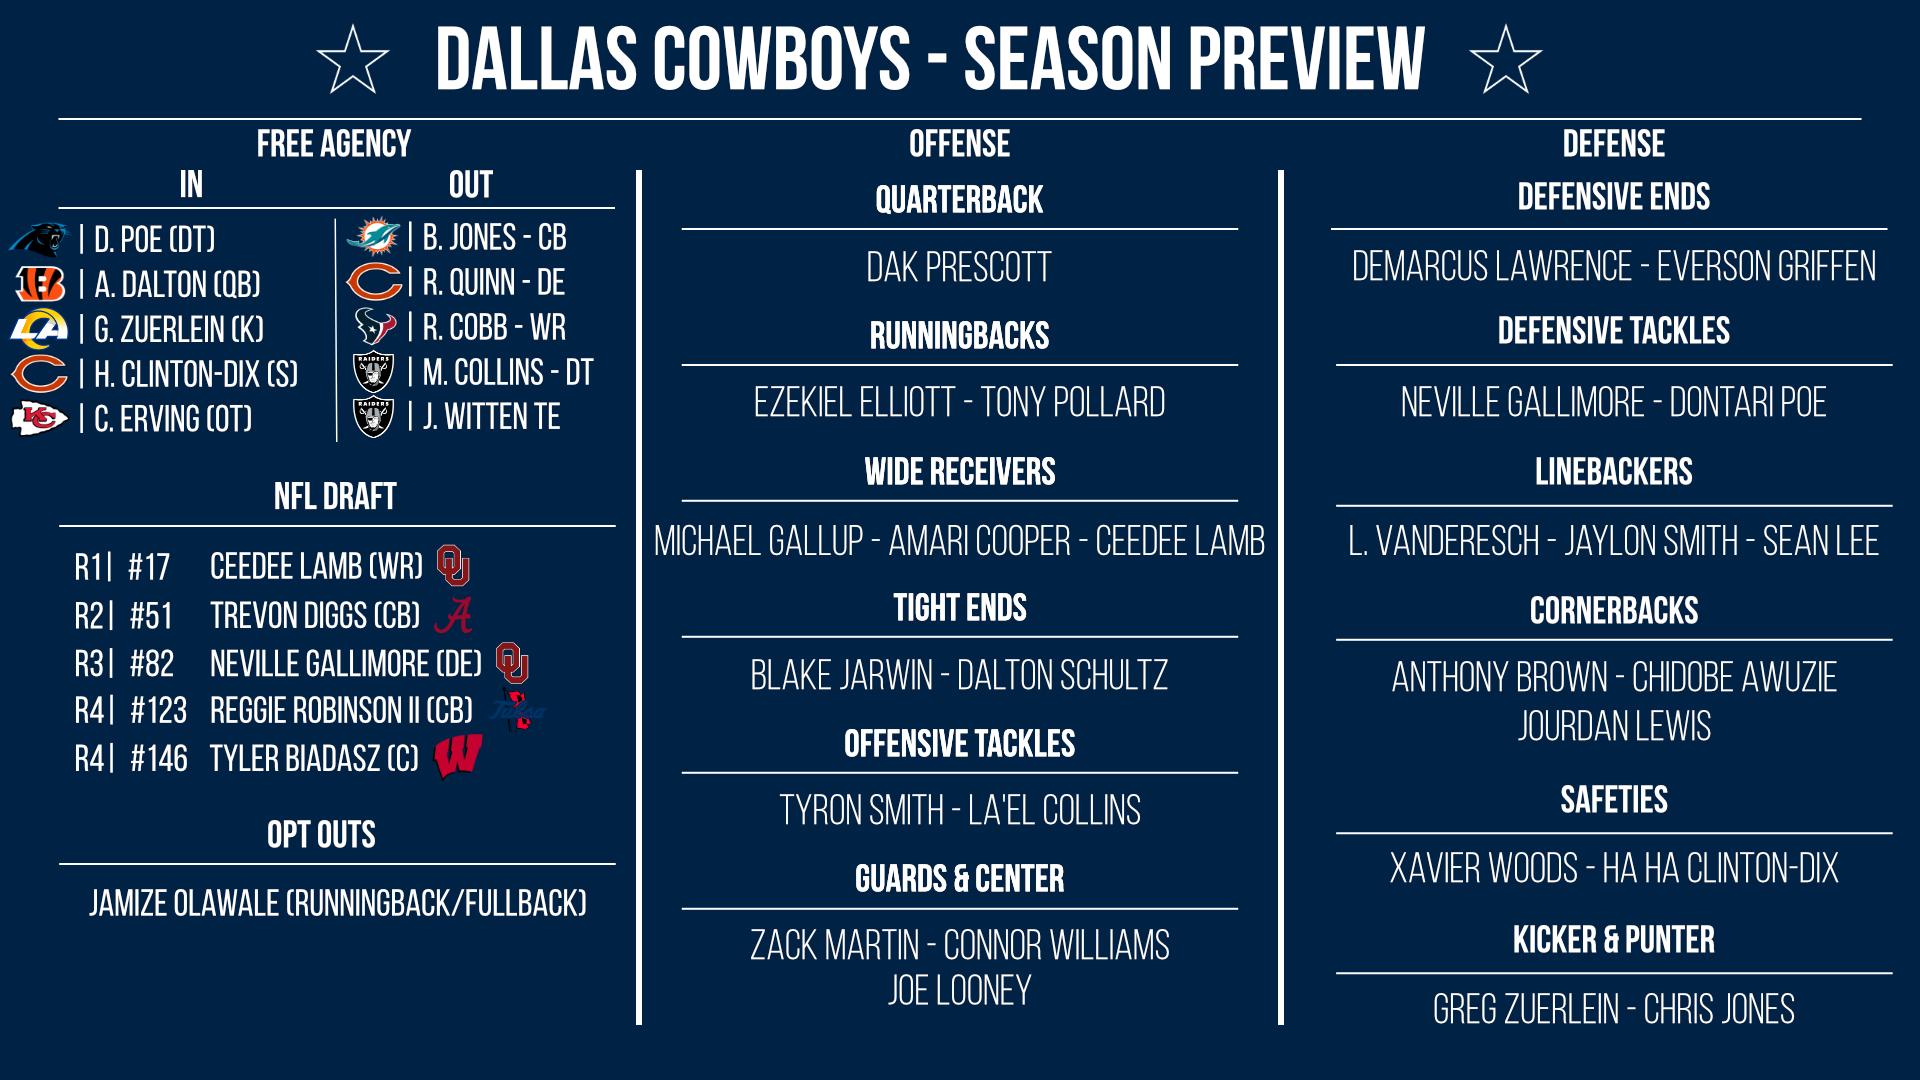 Dallas Cowboys preview